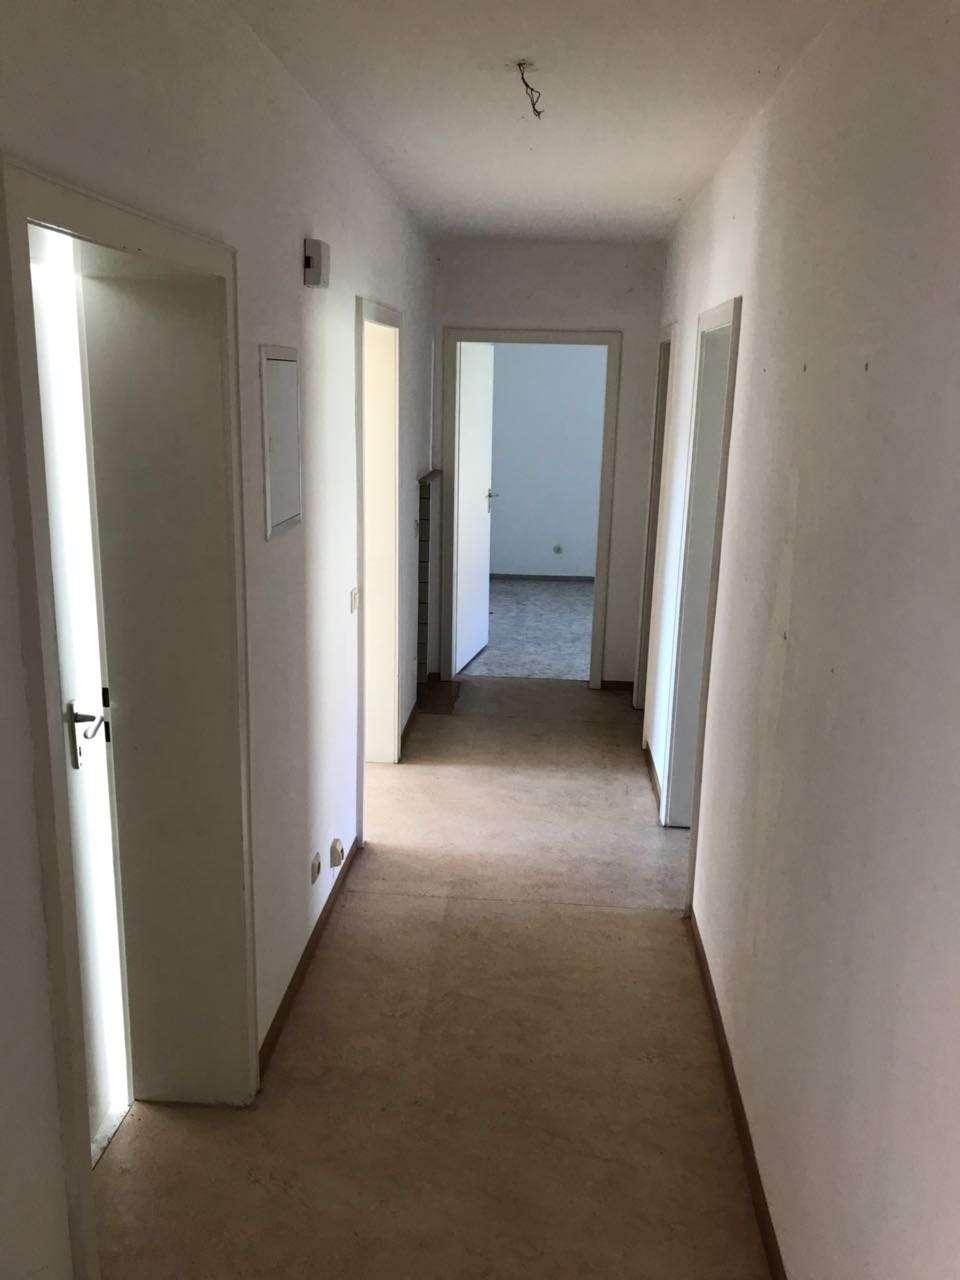 Großzügige 3-Zimmerwohnung im Schönen Arzberg in Arzberg (Wunsiedel im Fichtelgebirge)